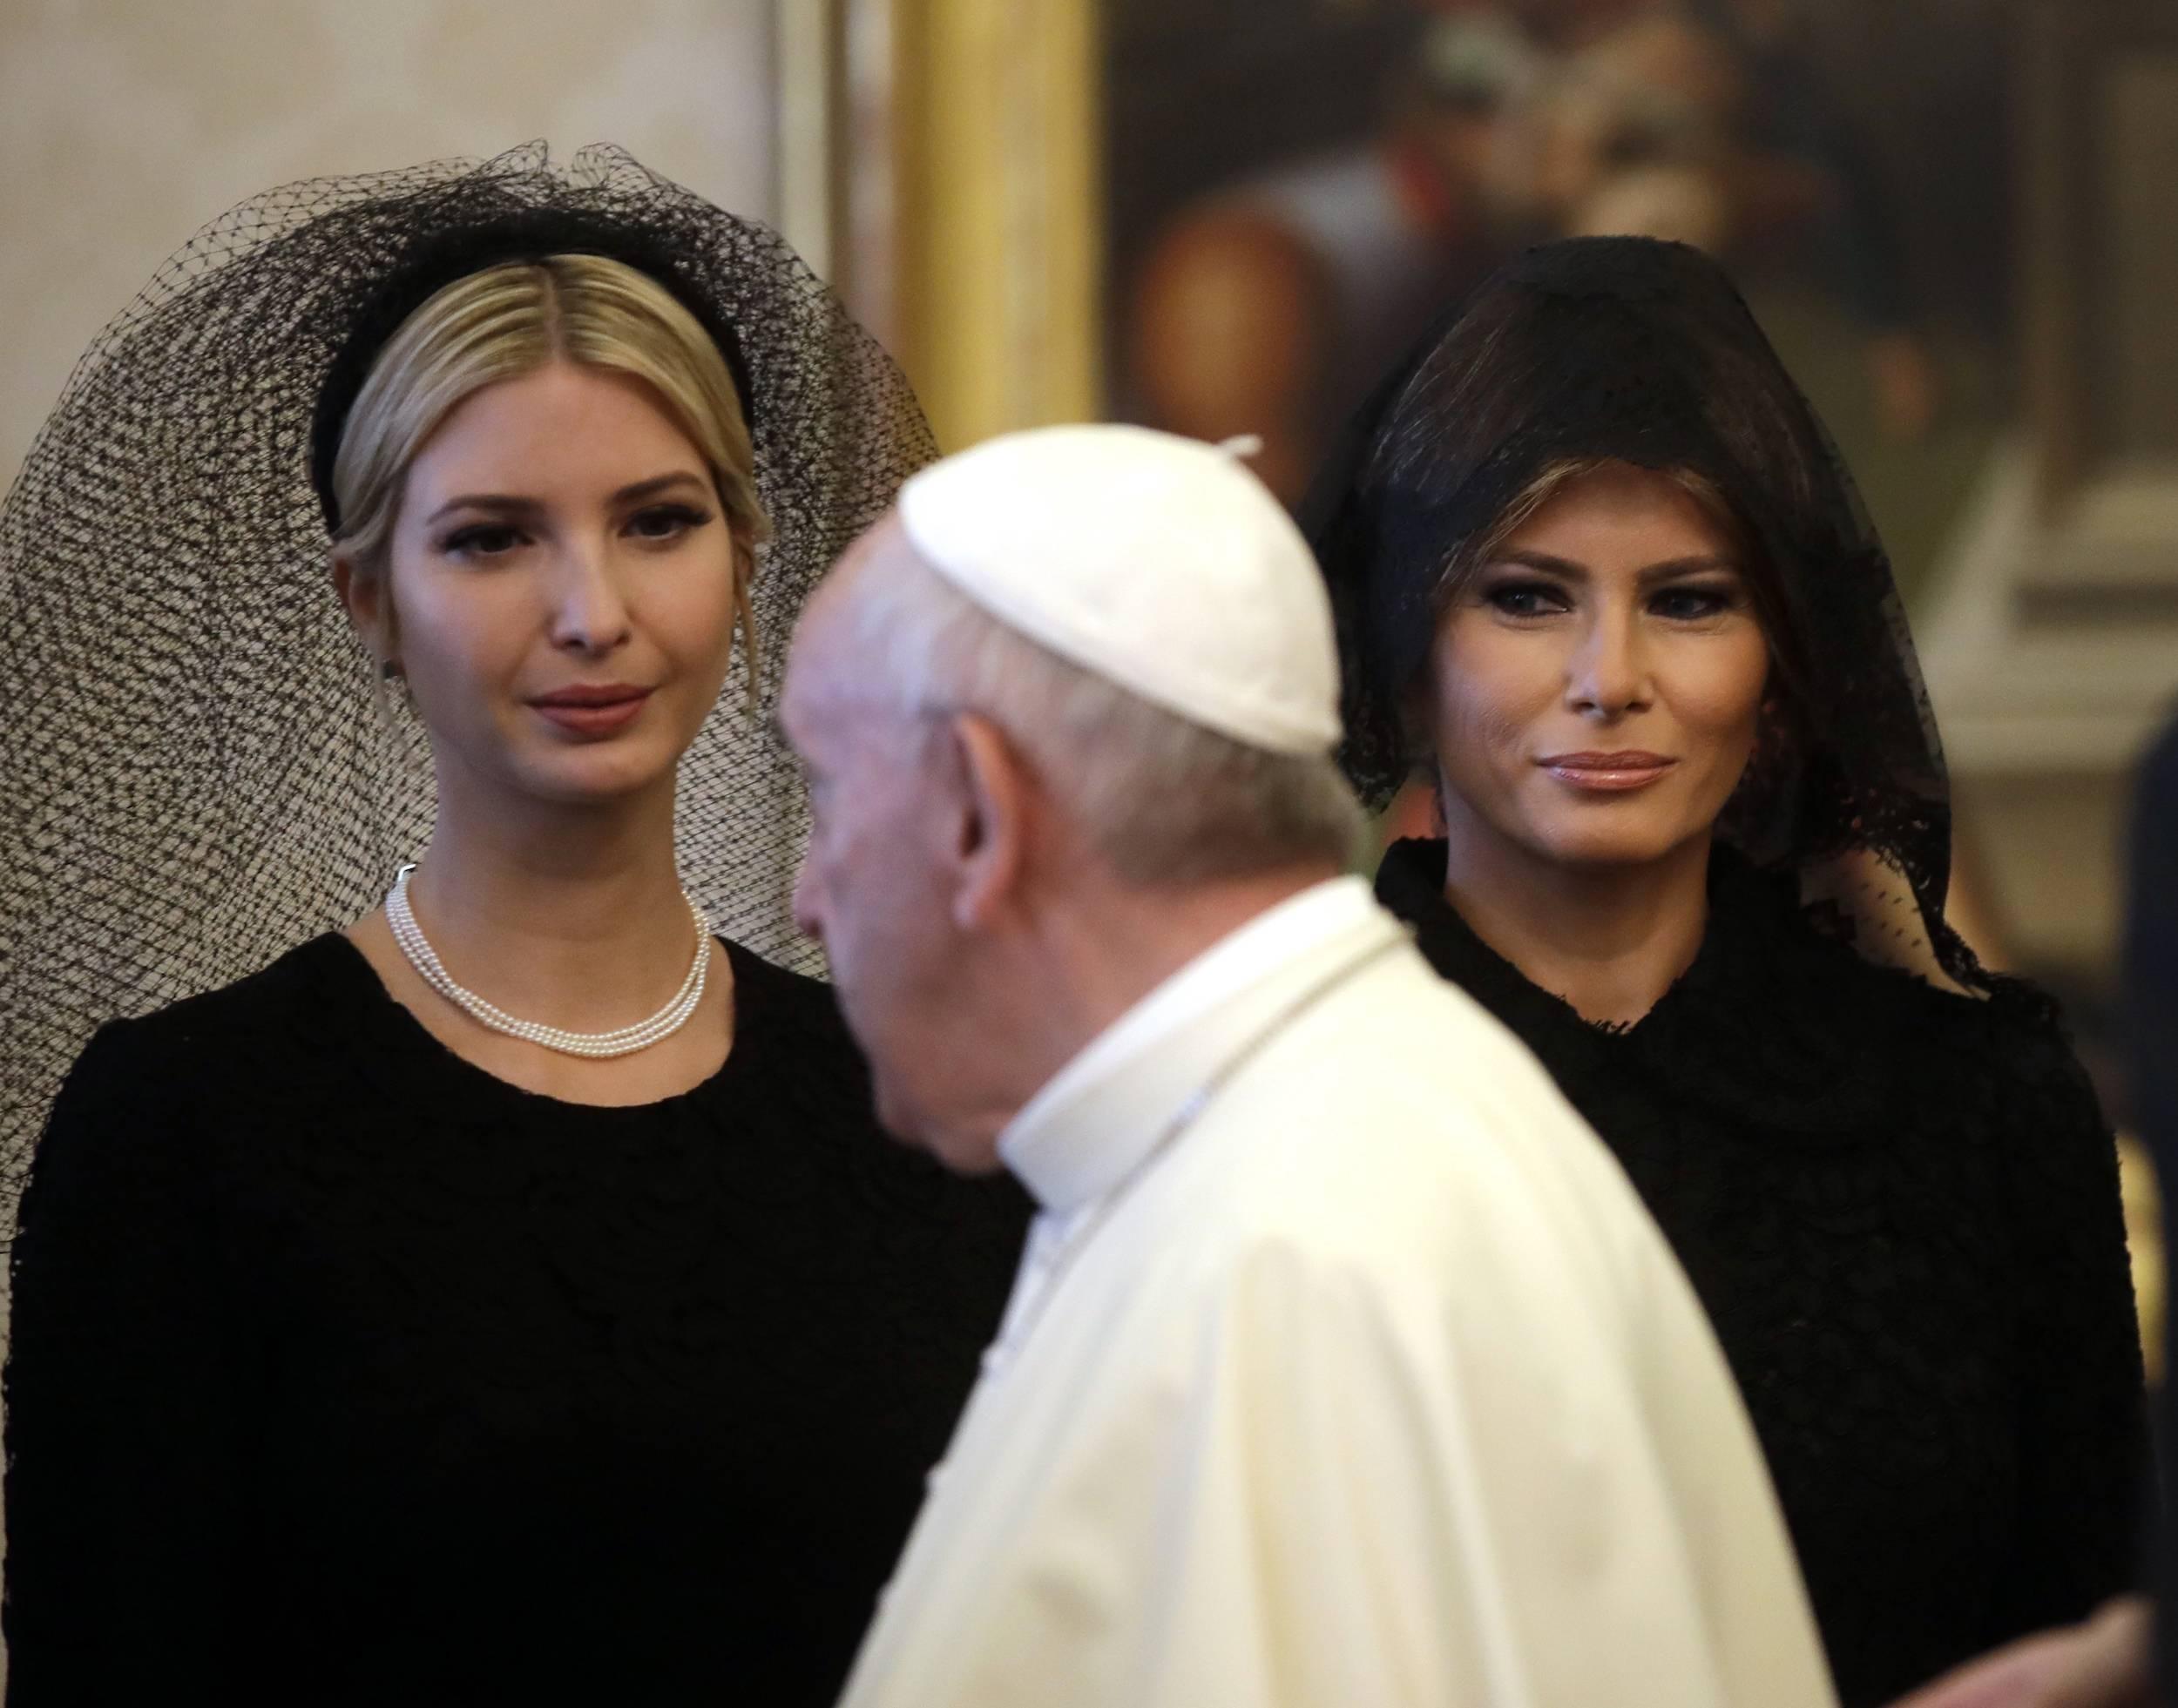 El Papa Francisco camina frente a Ivanka Trump y Melania Trump durante la audiencia privada en el Vaticano. / Foto: AP